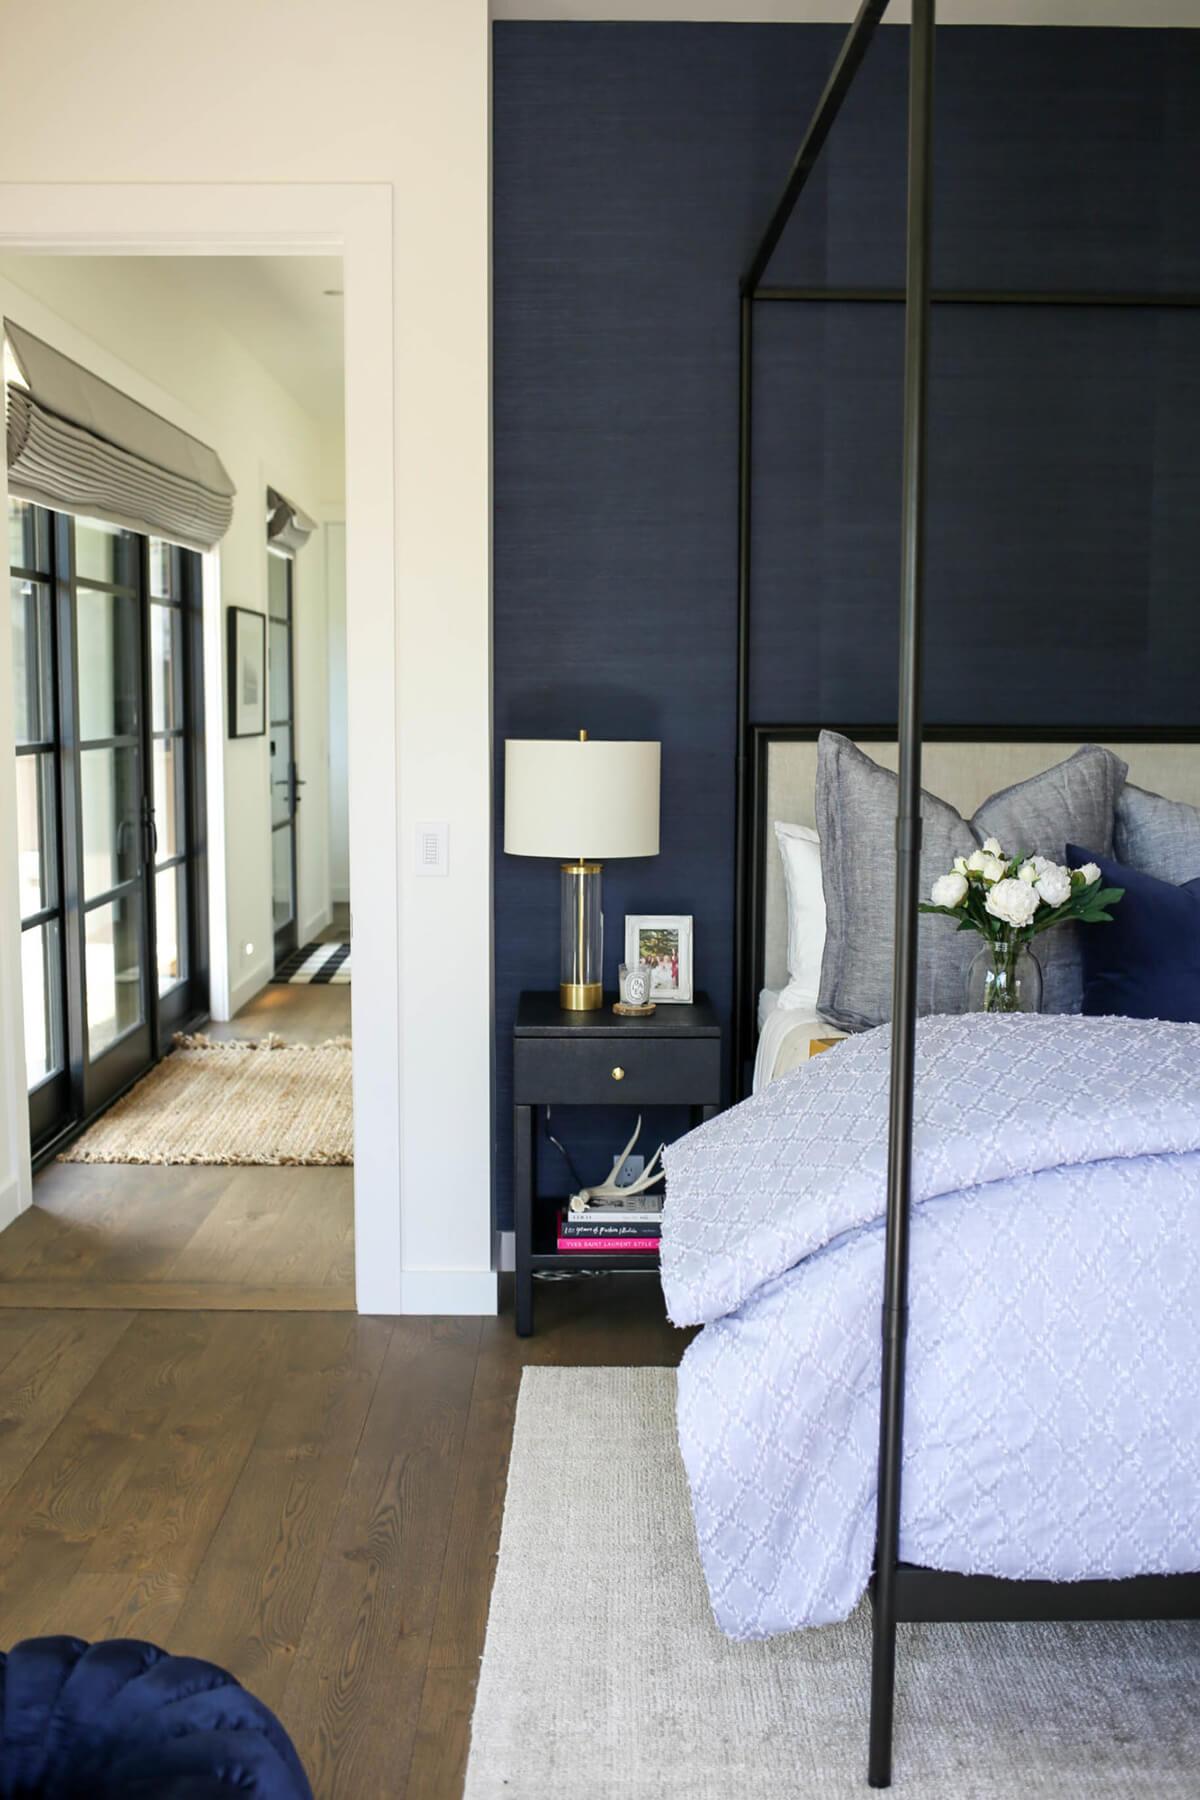 15 prekrasnyh idej dizajna interera spalni v tjomno sinih tonah